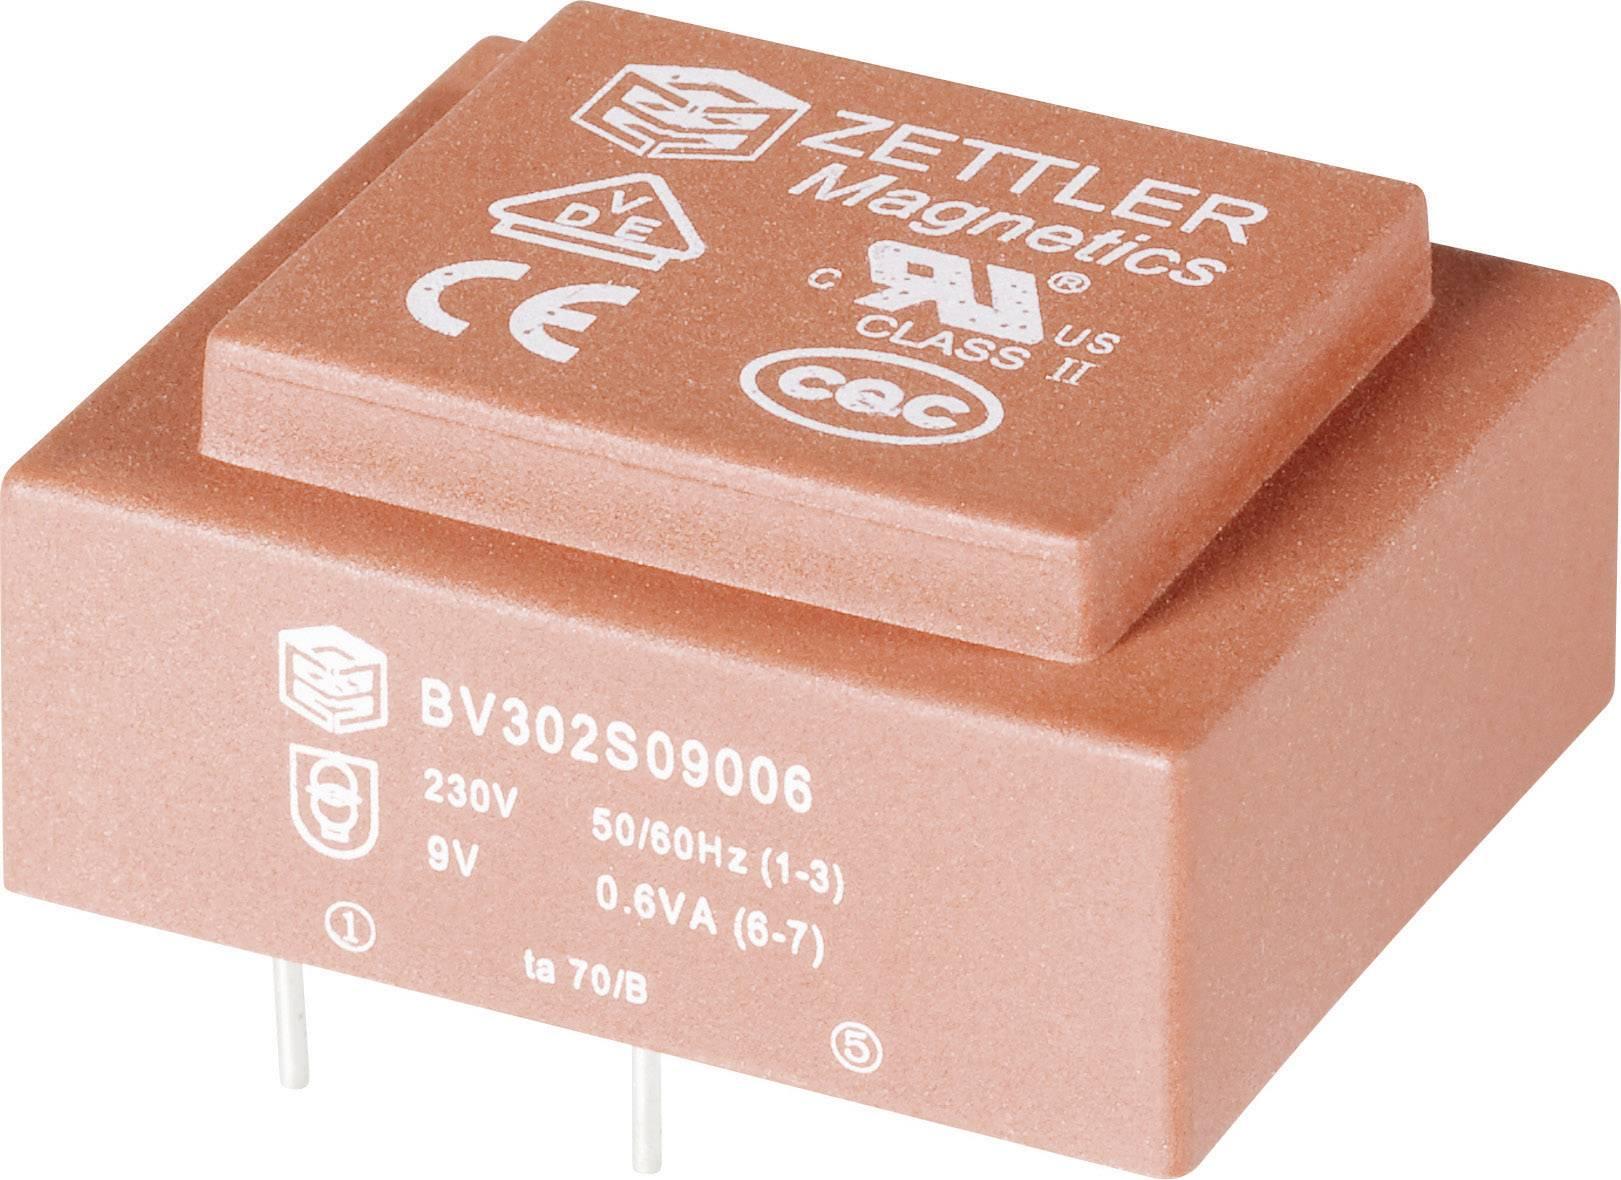 Transformátor do DPS Zettler Magnetics El30, prim: 230 V, Sek: 2x 12 V, 2x 25 mA, 0,6 VA